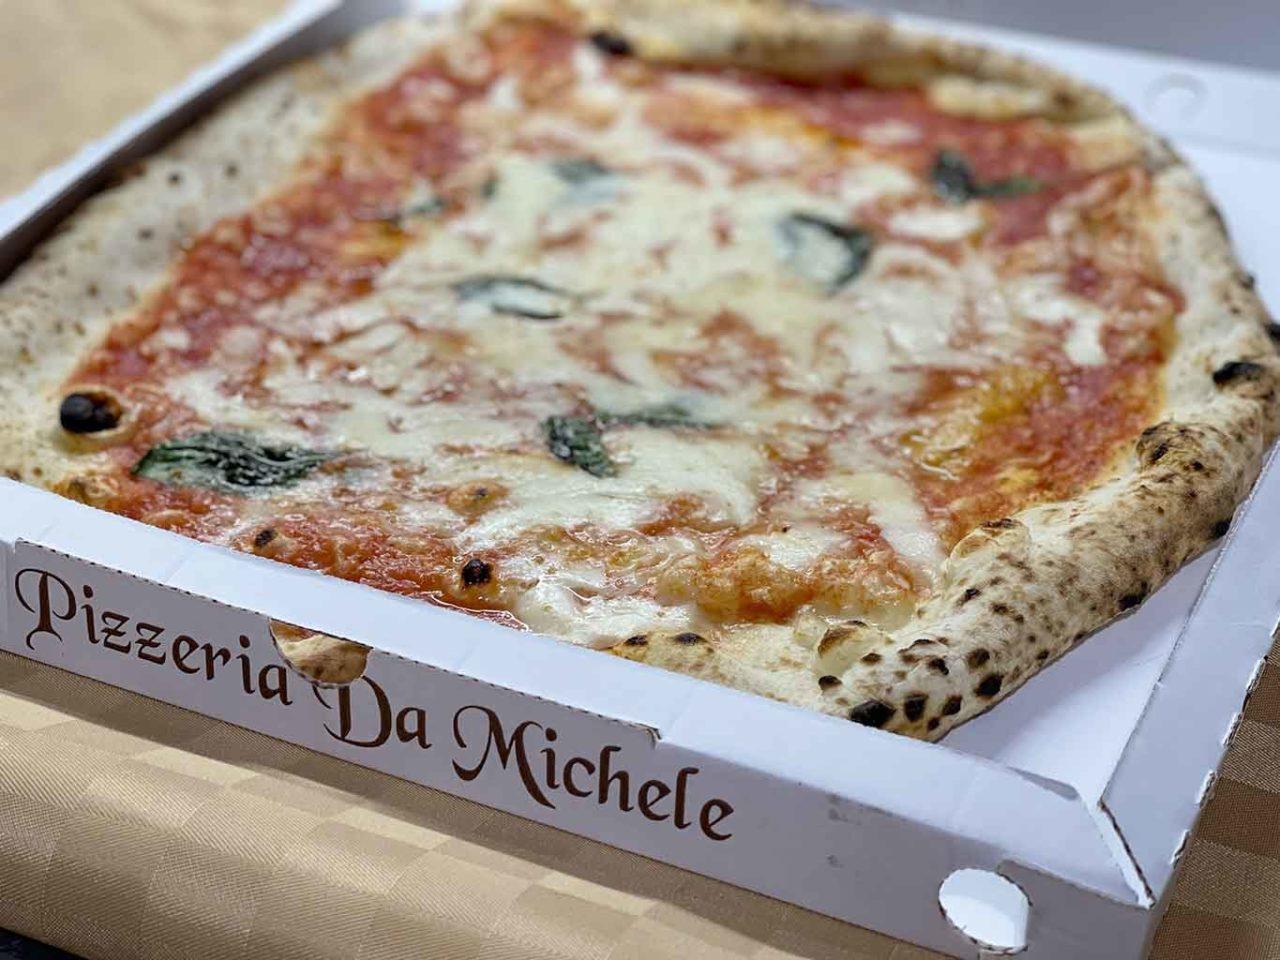 pizzerie di Palermo: da michele